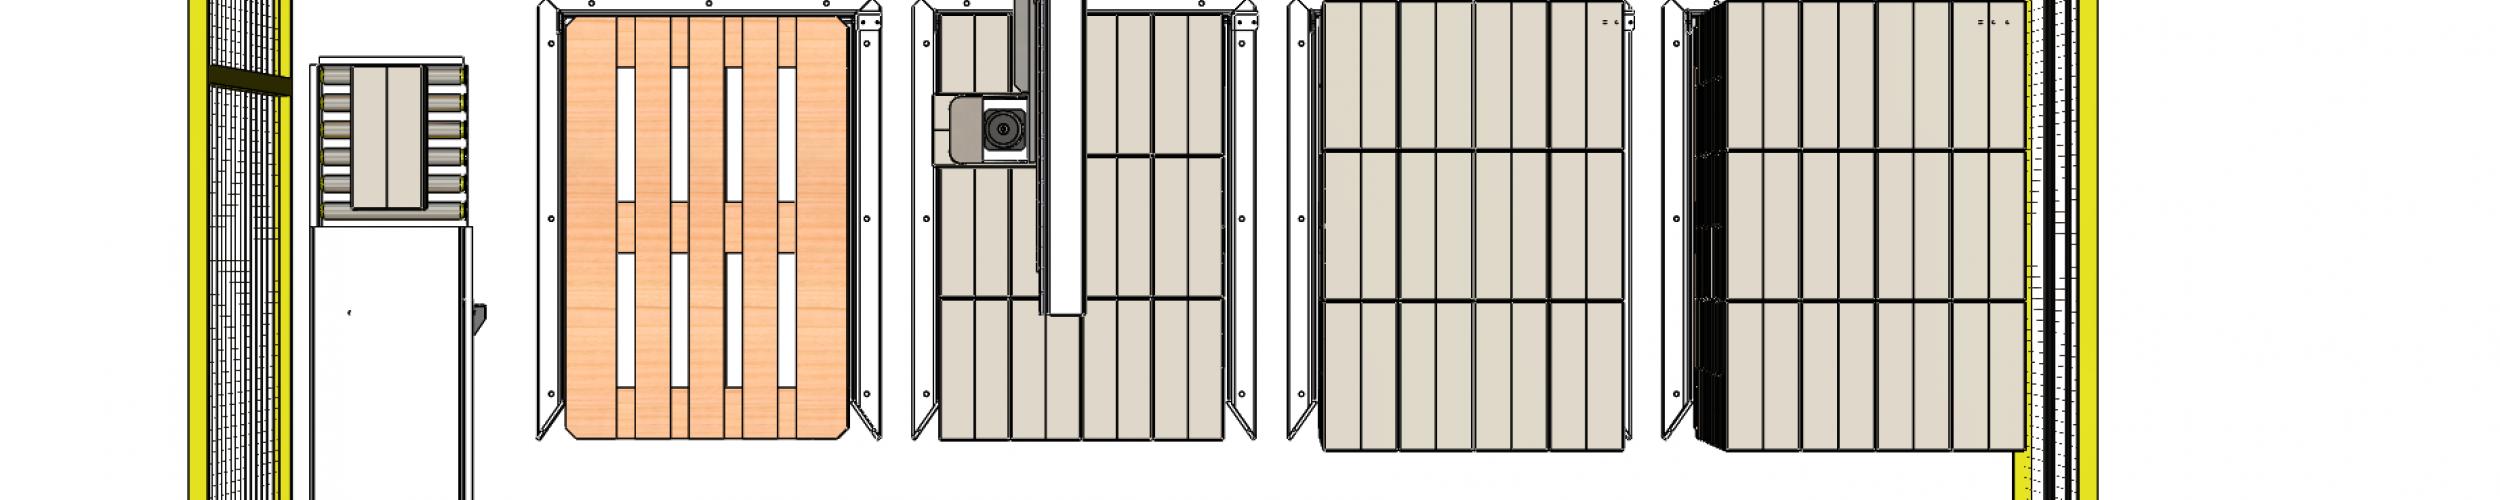 rechte palletiser met 4 pallet posities